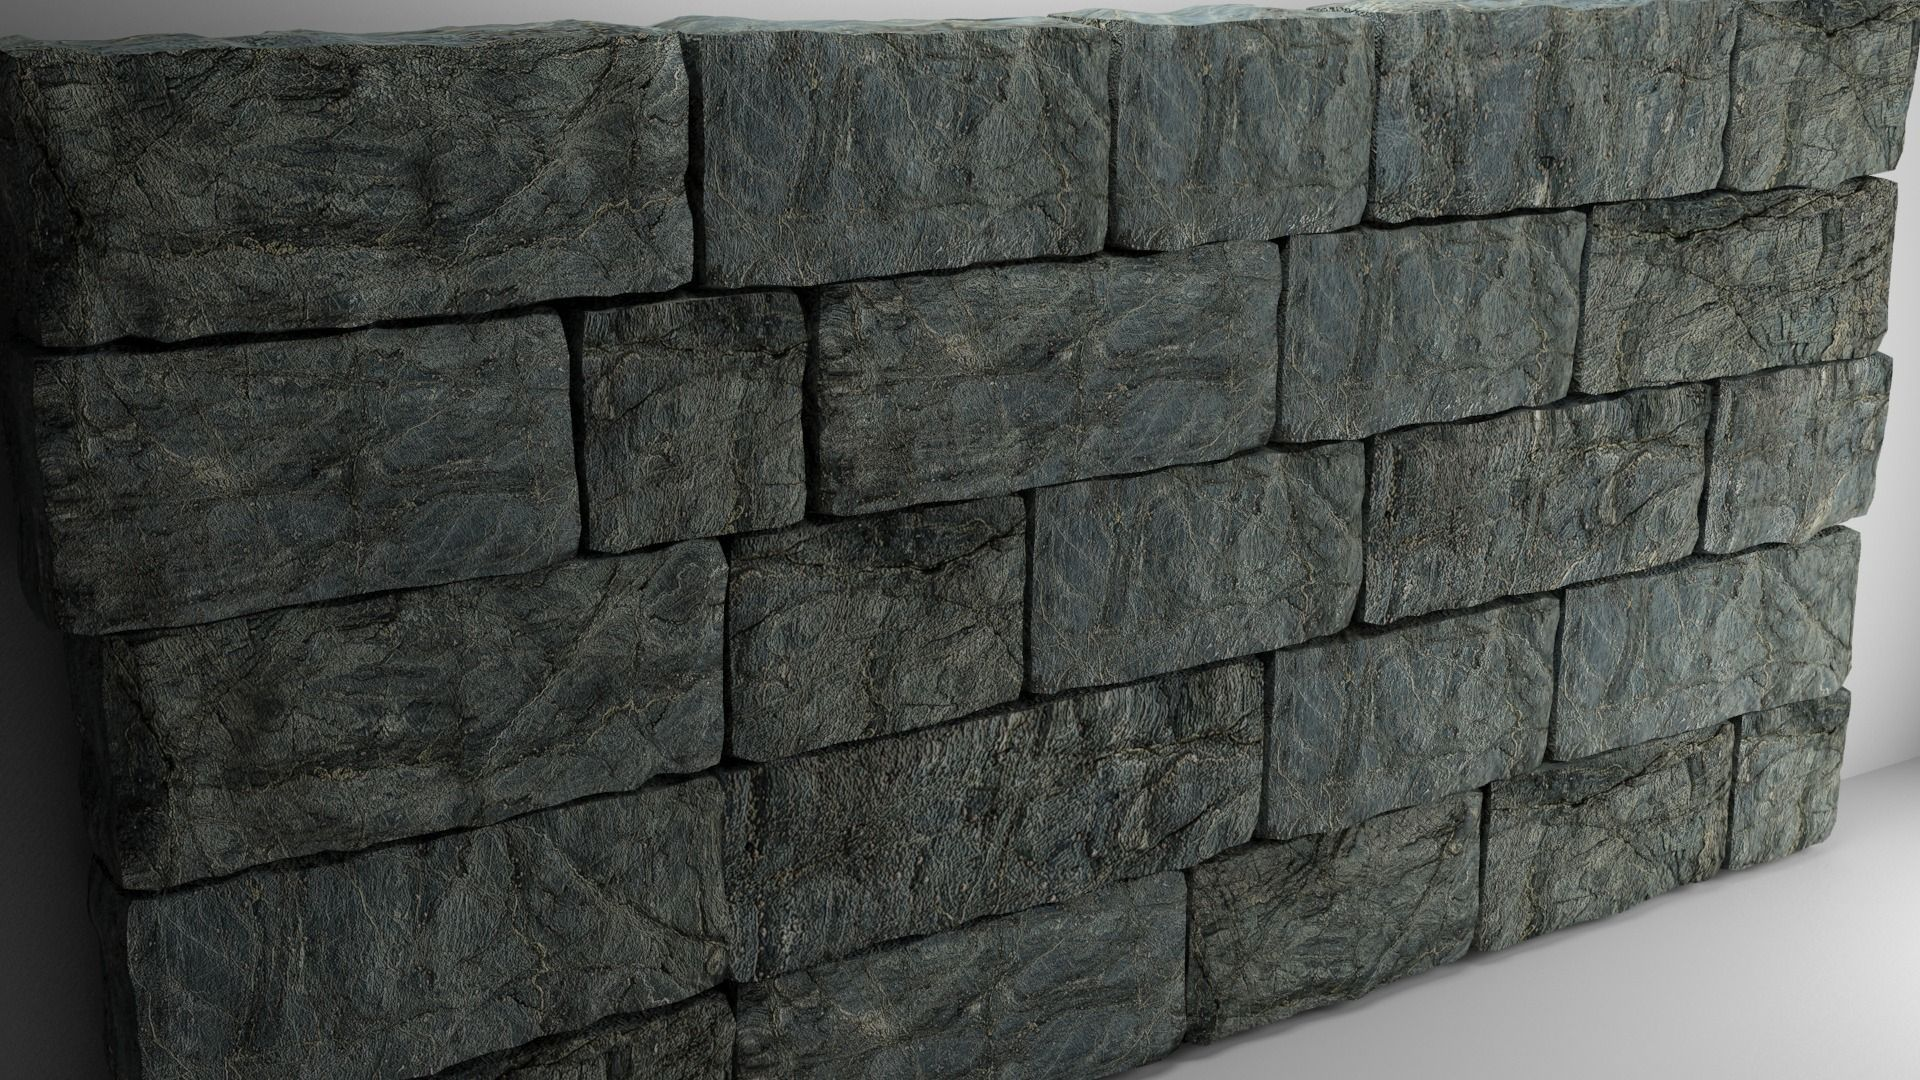 High Poly Natural Stone Wall 3d Model Max Obj Mtl Fbx Stl Tga 1